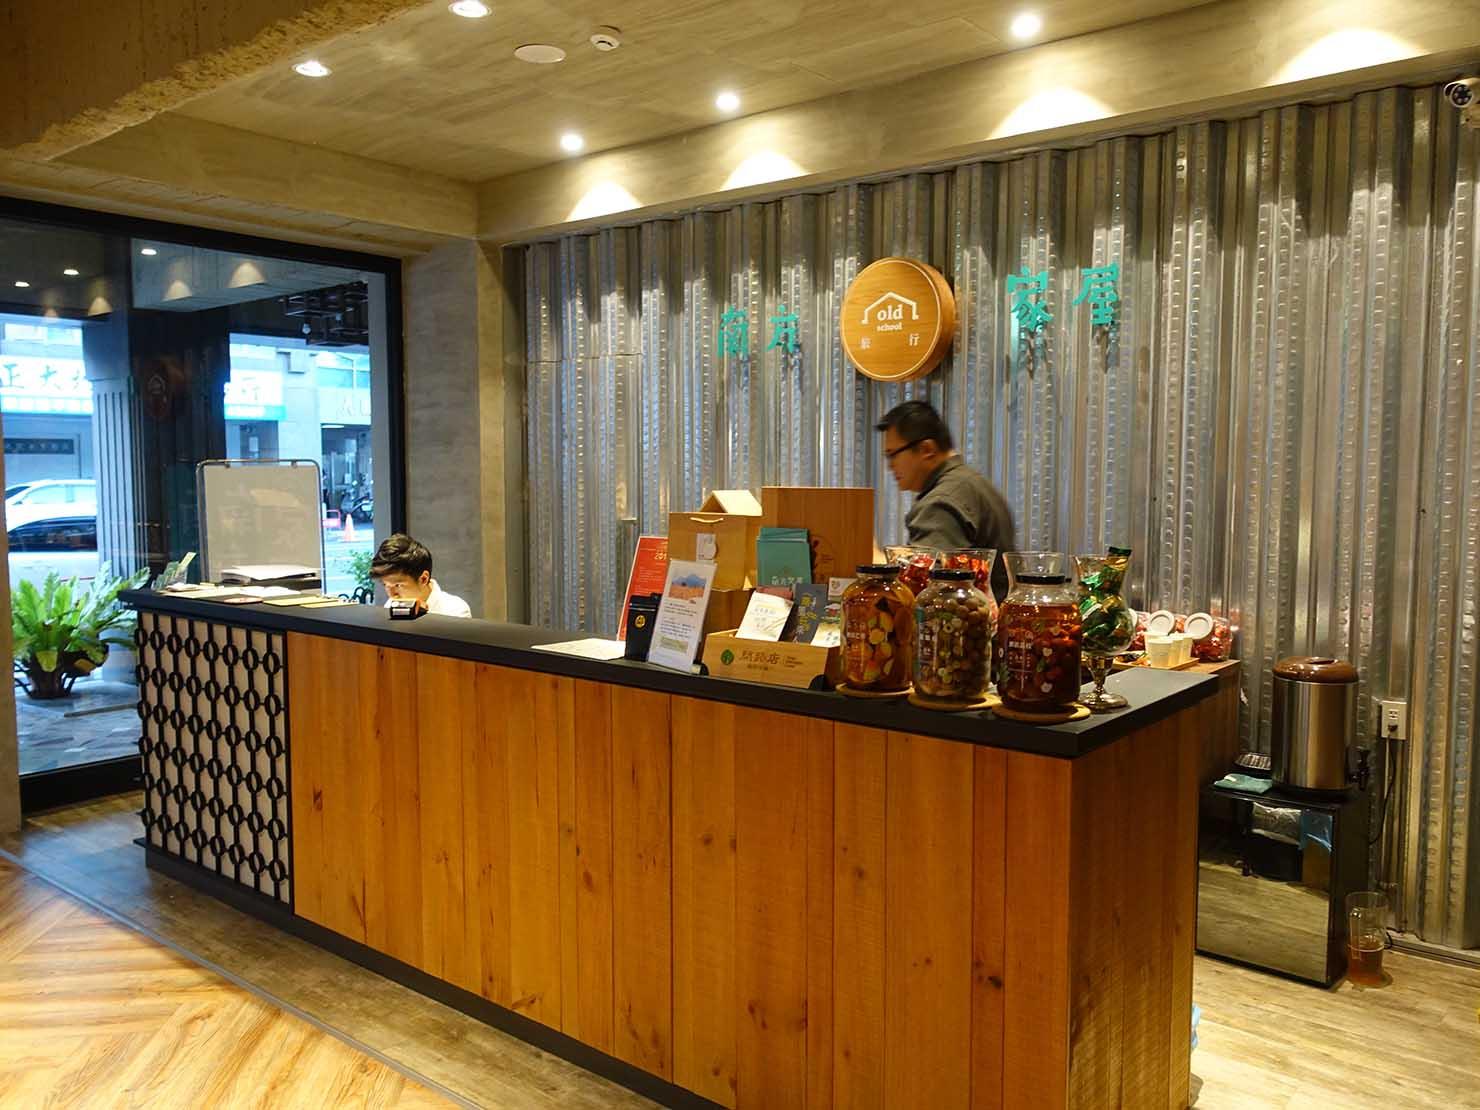 台南駅徒歩10分のかわいいデザインホテル「南方家屋 Old School」のフロント